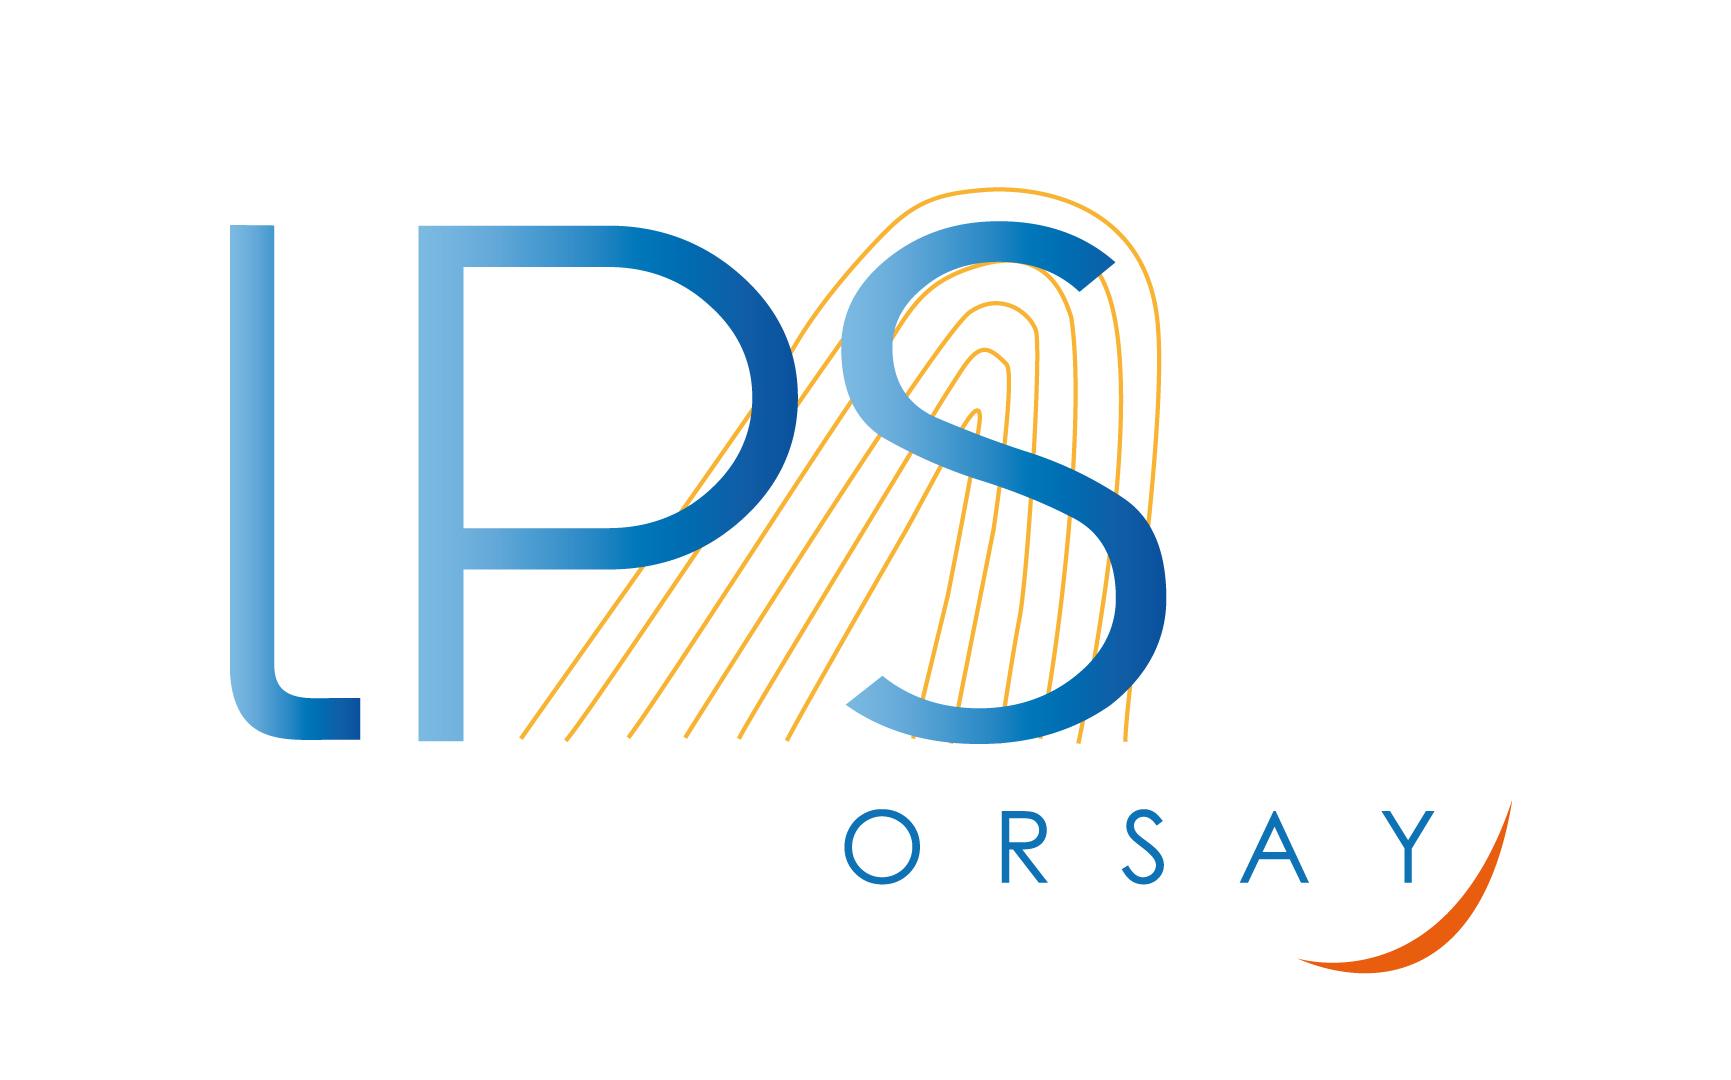 jpg_LPS_logo_2.jpg